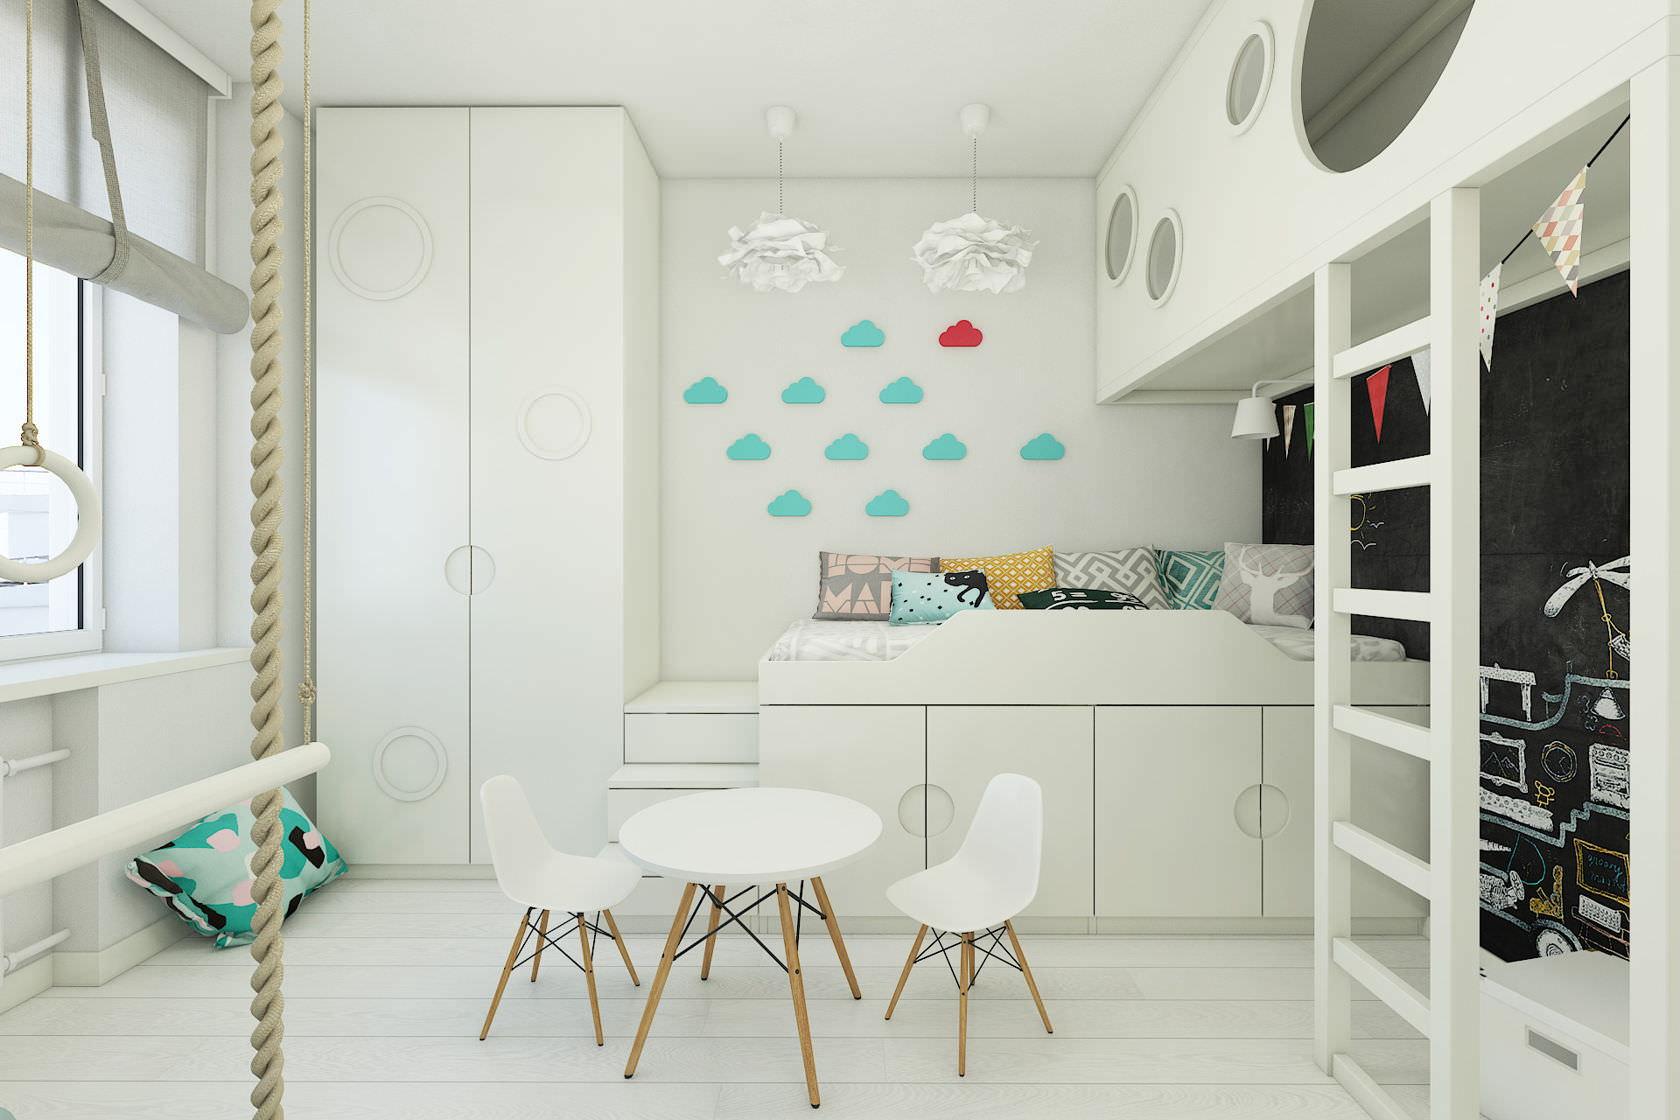 sazdavane-na-dinamichen-i-vedar-interior-v-dvustaen-apartament-60-m-910g